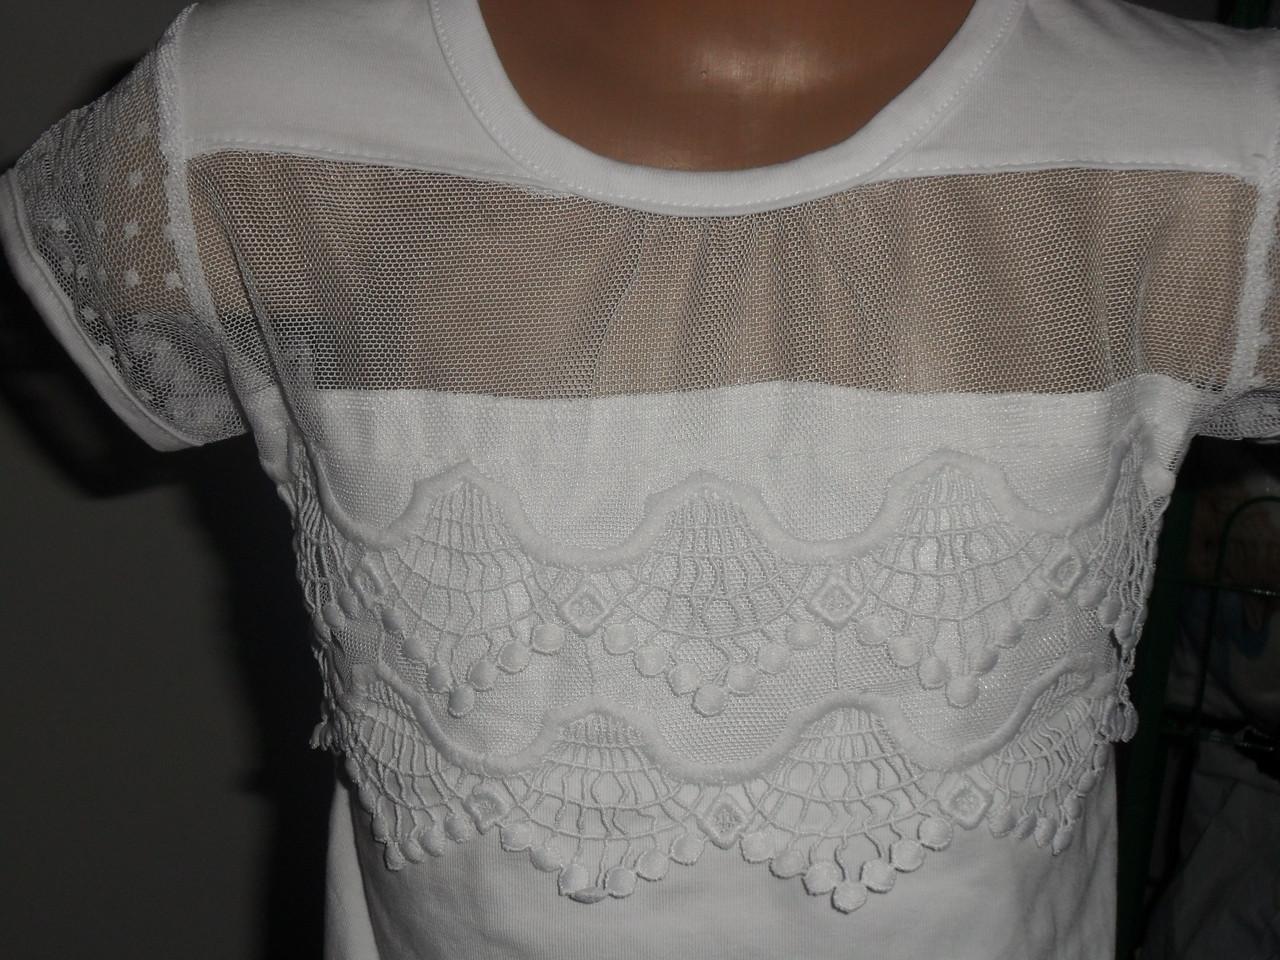 7c50b9c6cf1 ... Нарядная белая блузка для девочки